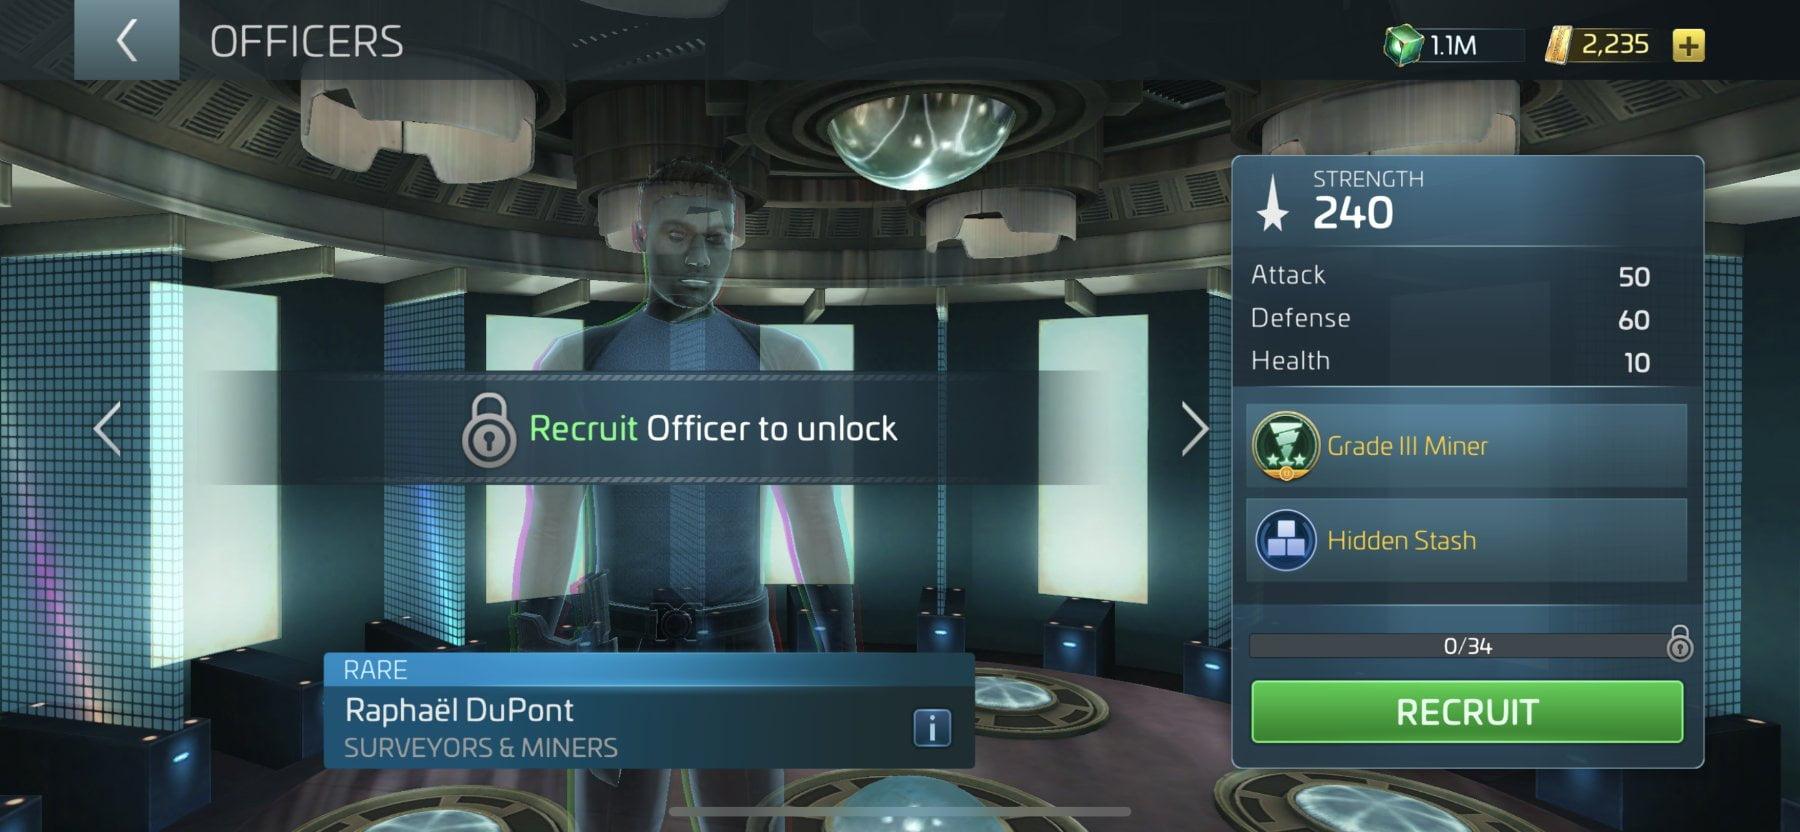 Star Trek Fleet Command Officer Raphaël DuPont